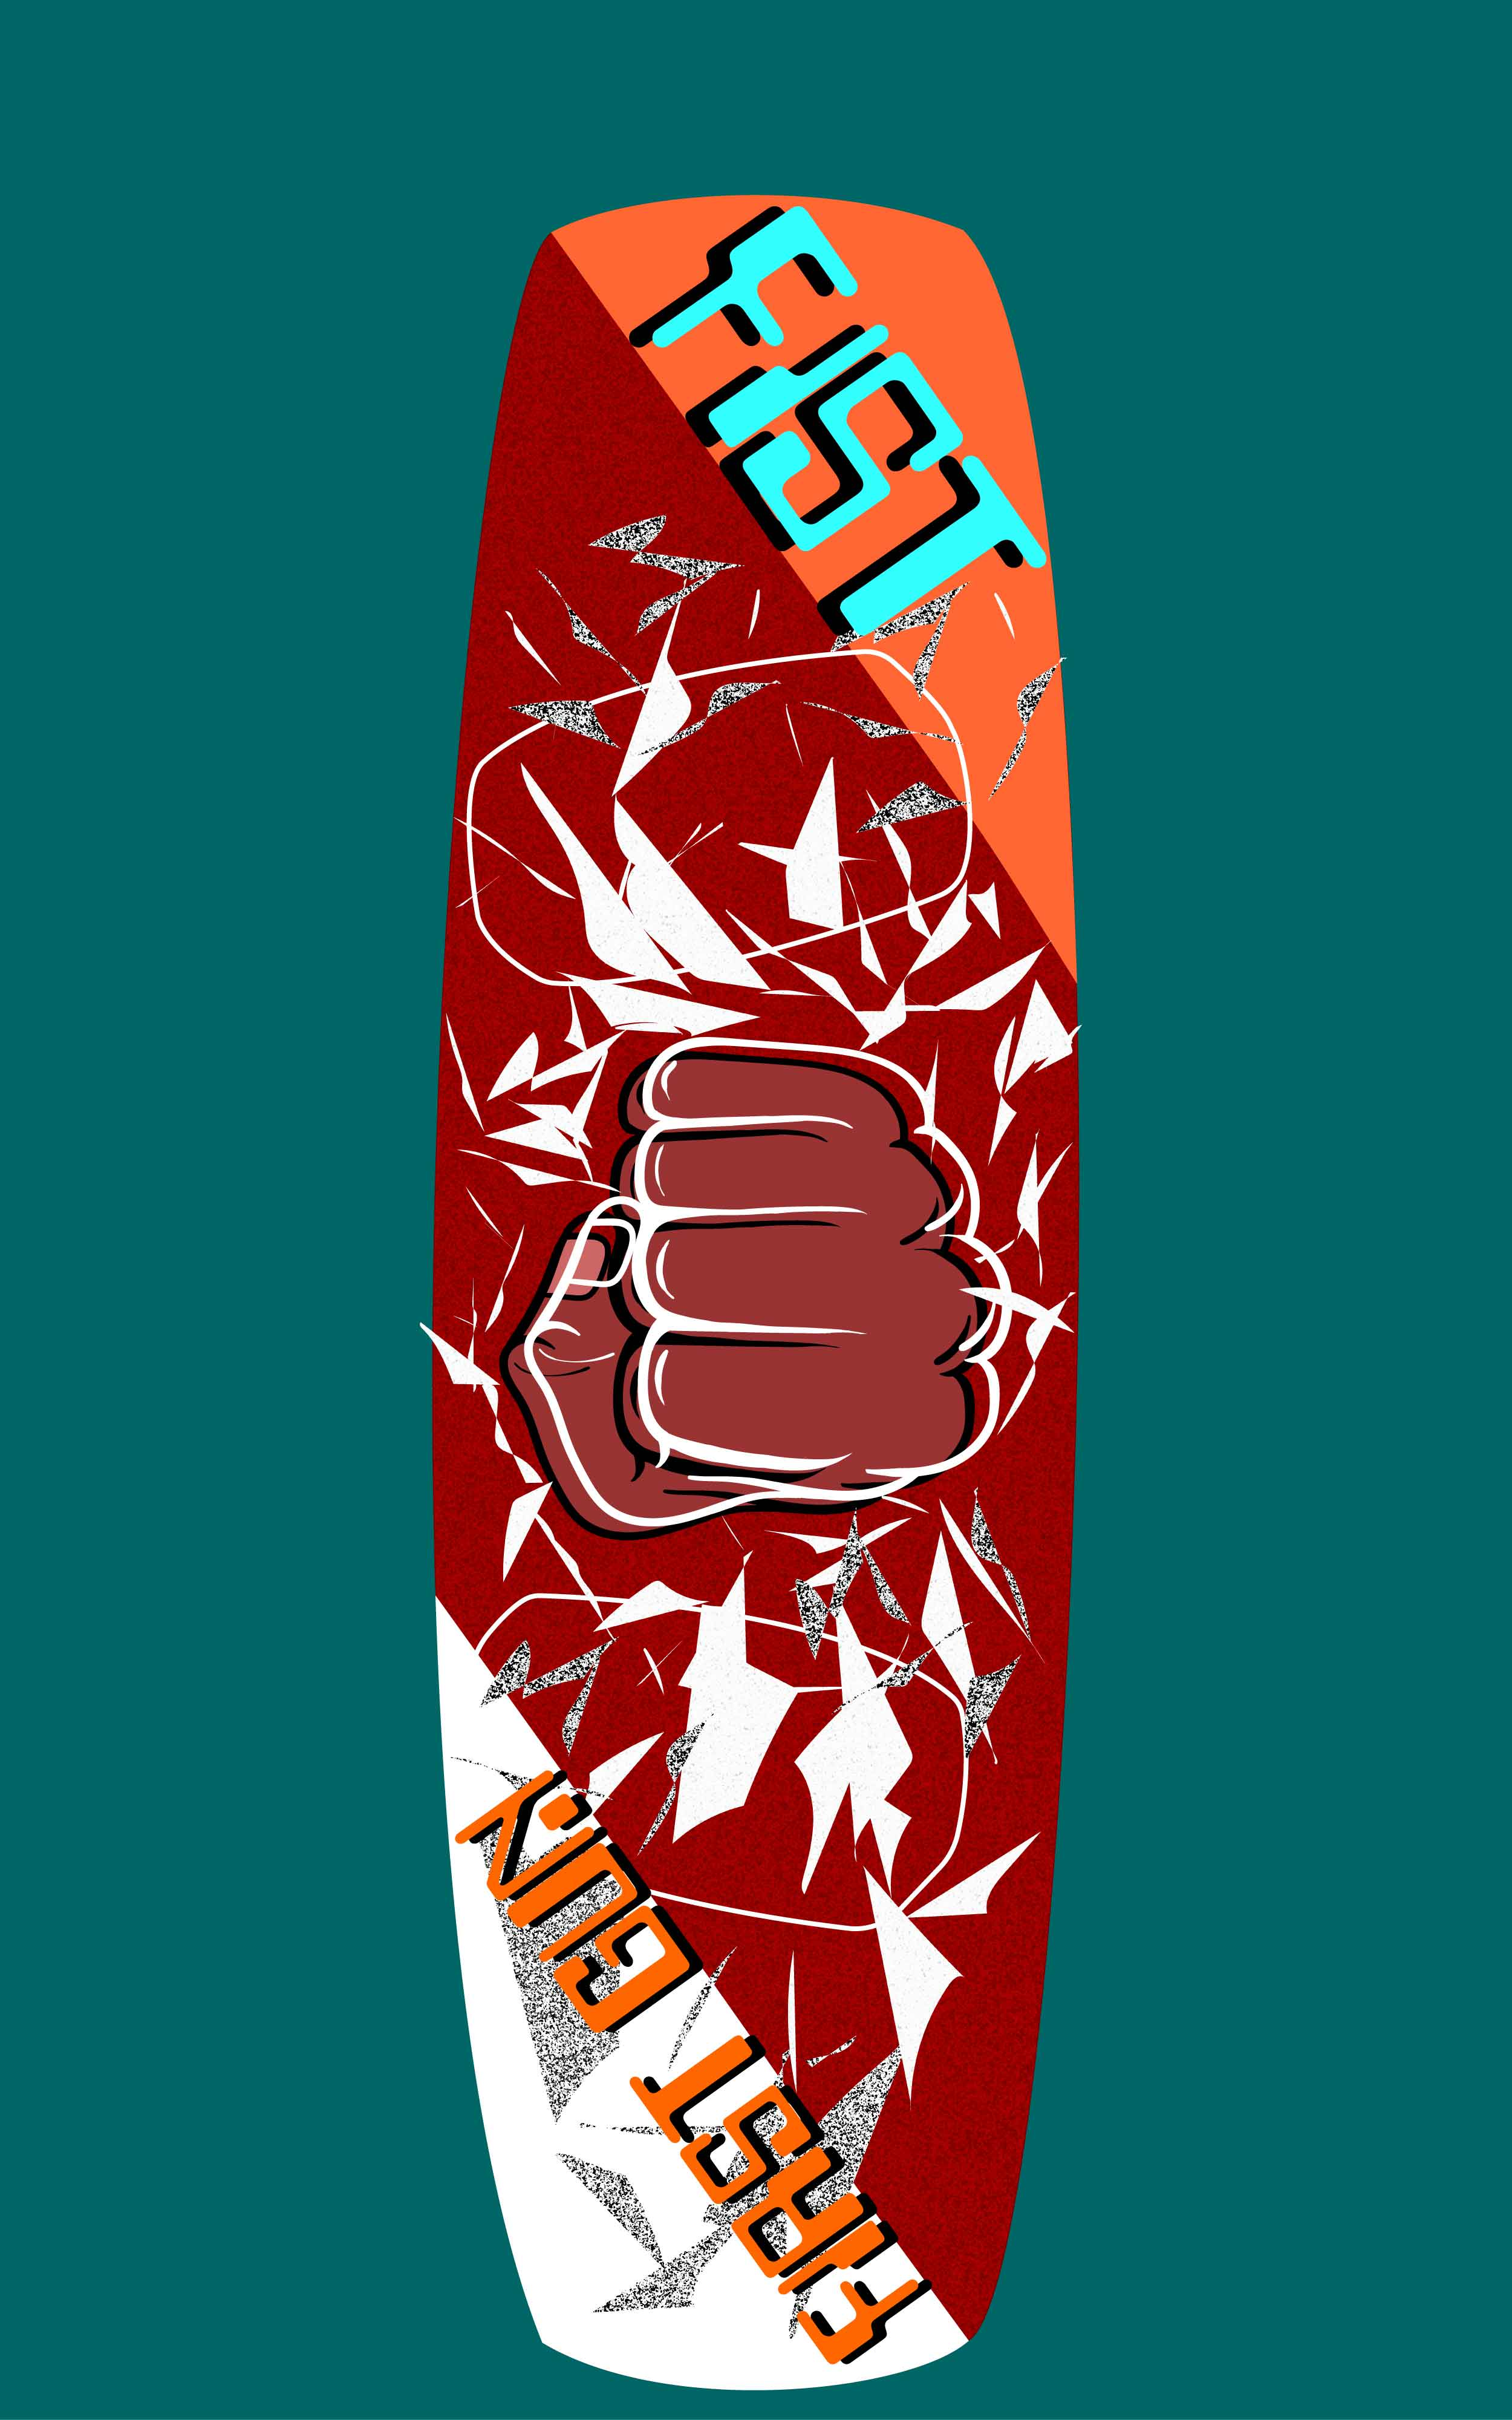 Дизайн принта досок для водных видов спорта (вейк, кайт ) фото f_8815874902716f34.jpg